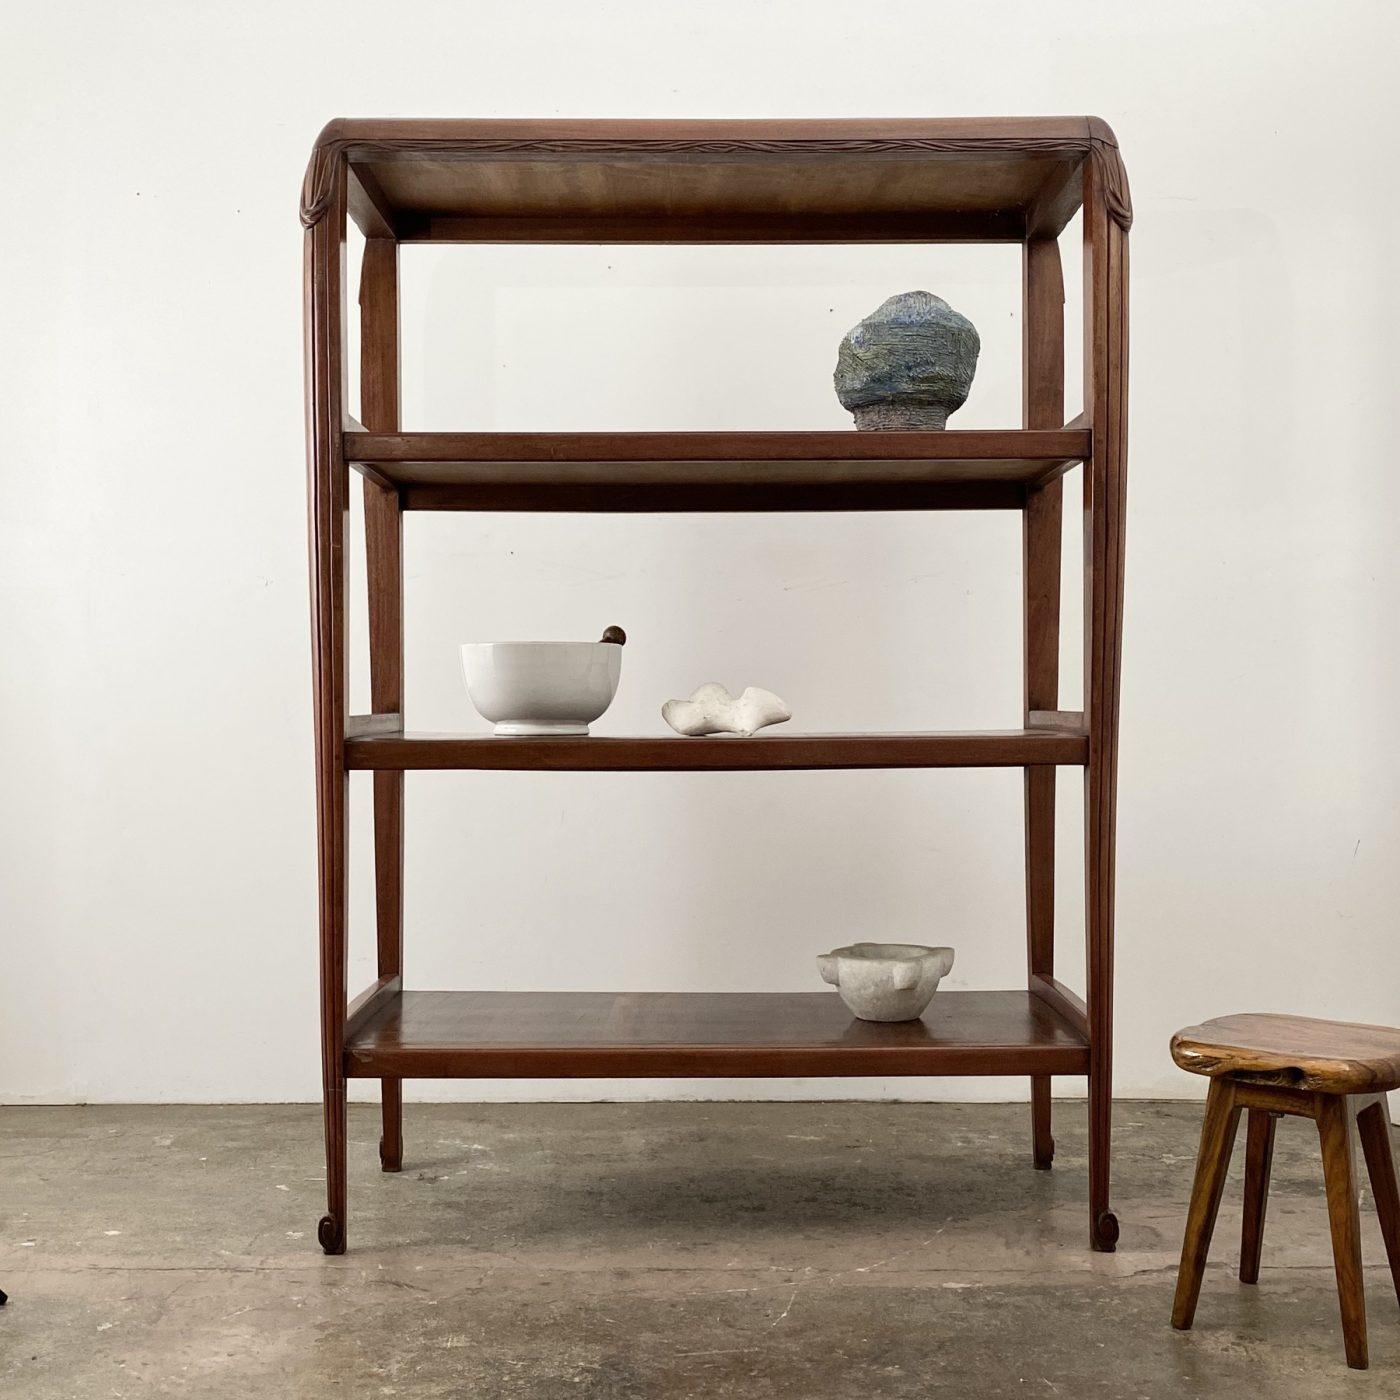 objet-vagabond-french-shop-shelf0004